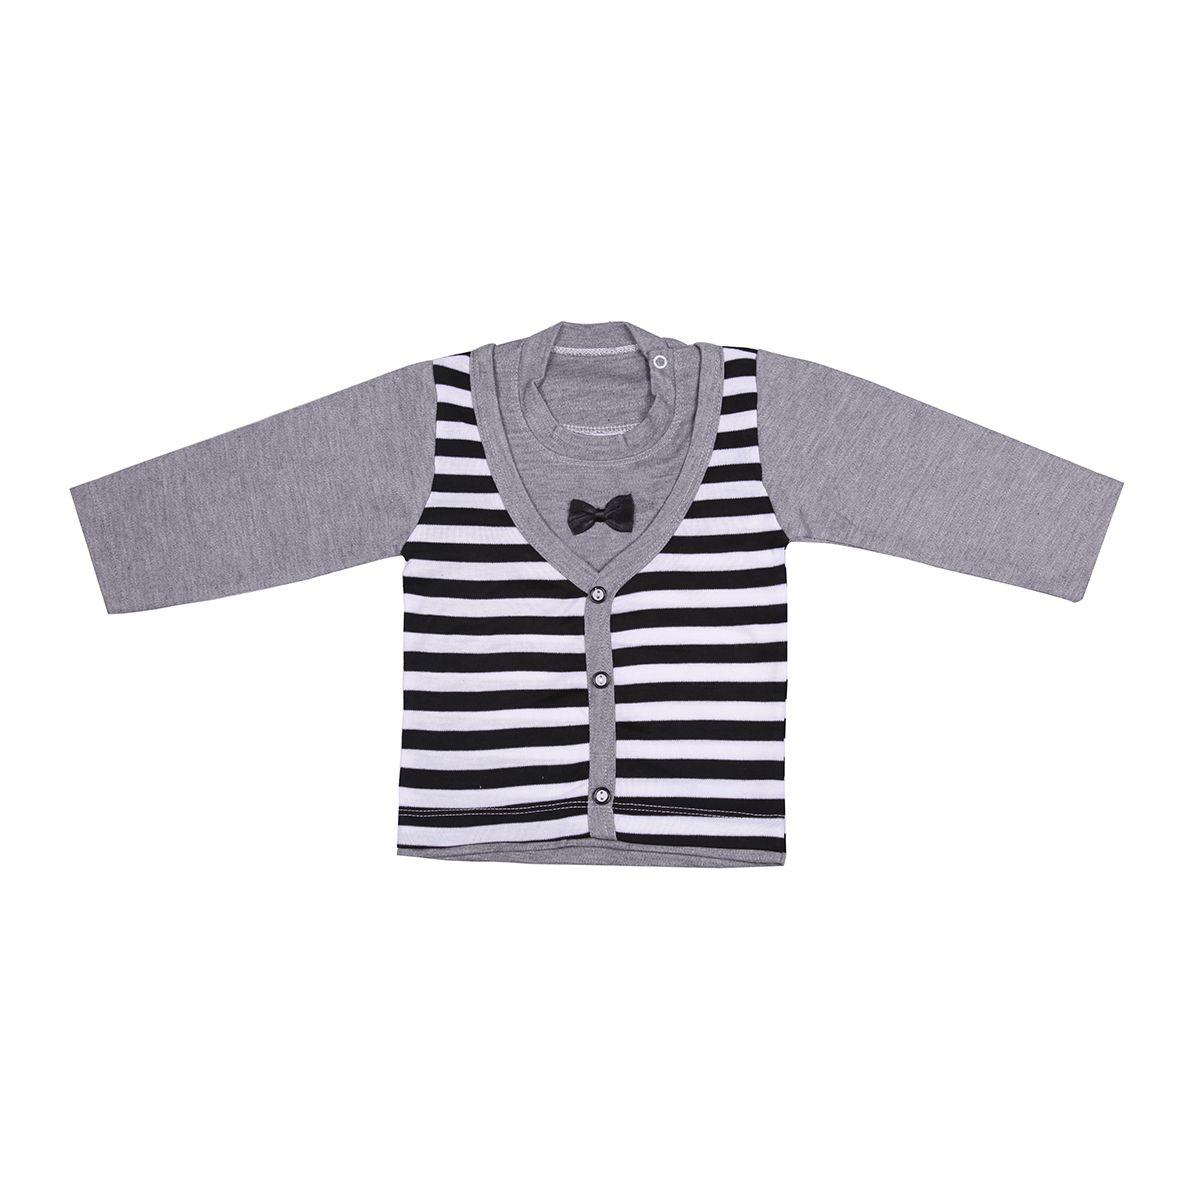 ست تی شرت و شلوار نوزادی کد 507 -  - 4